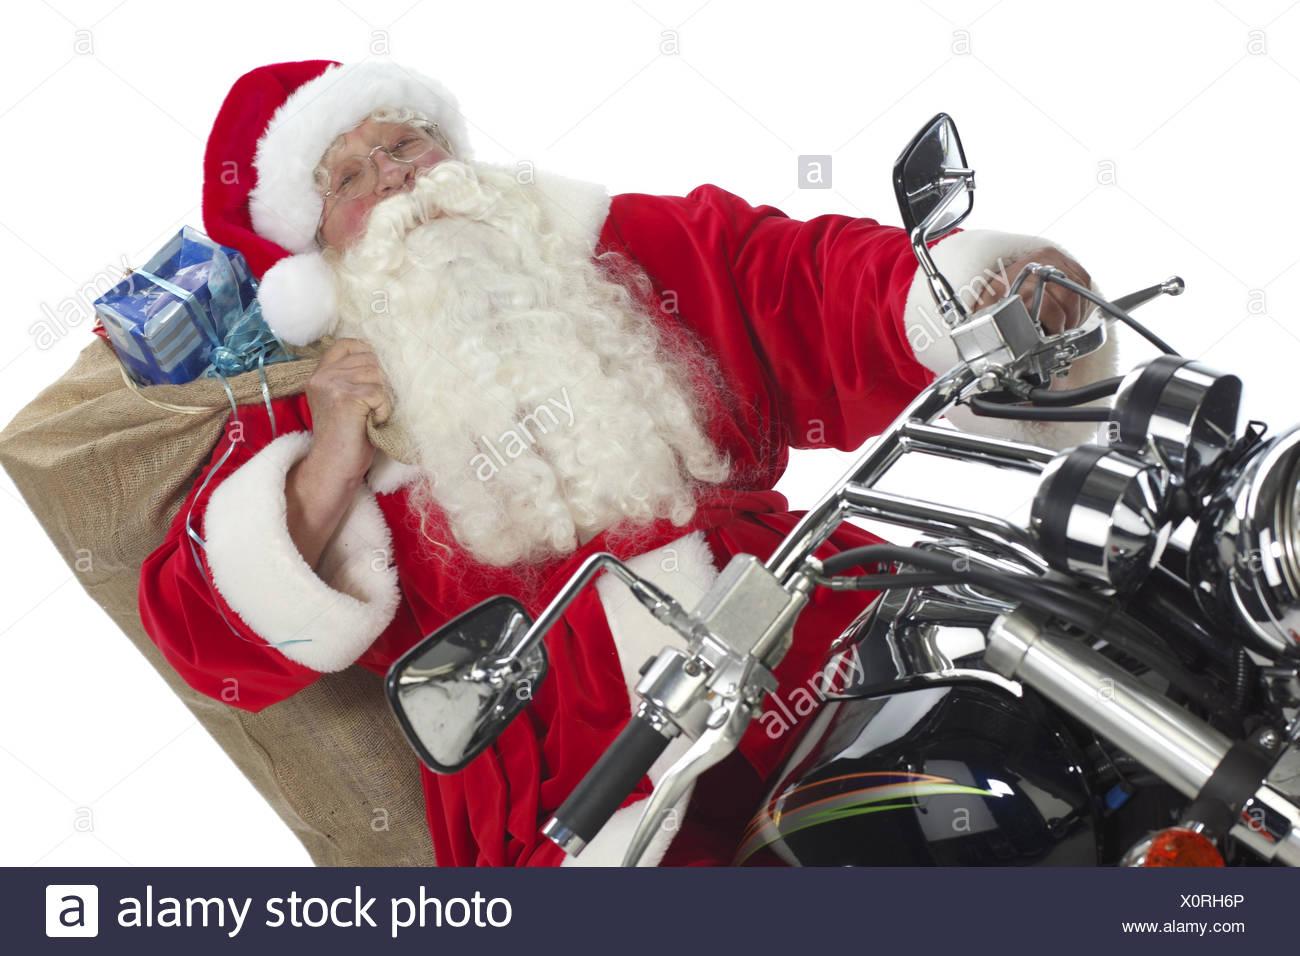 Mann Nikolaus Kostuem Nikolauskostuem Weihnachten Motorrad Fahren ...